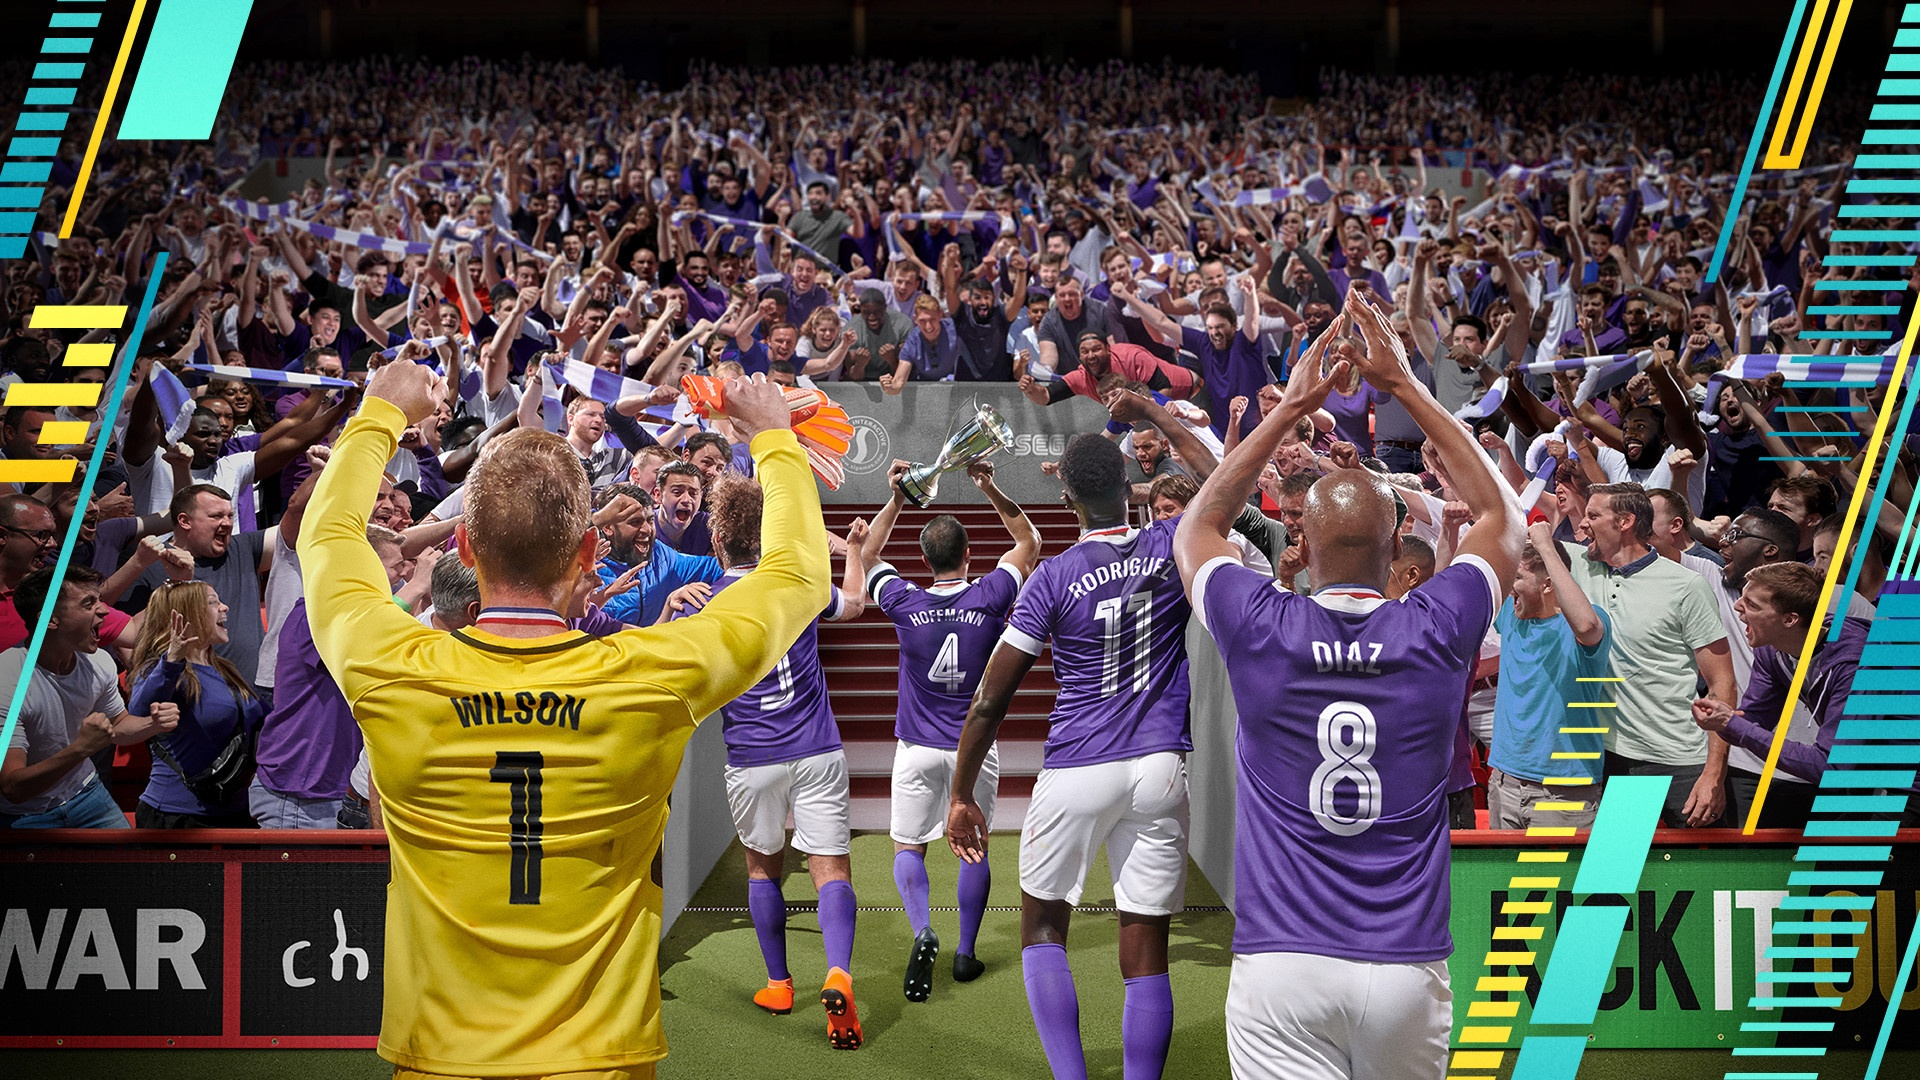 Football Manager 2020 выходит в ноябре, в том числе на Google Stadia